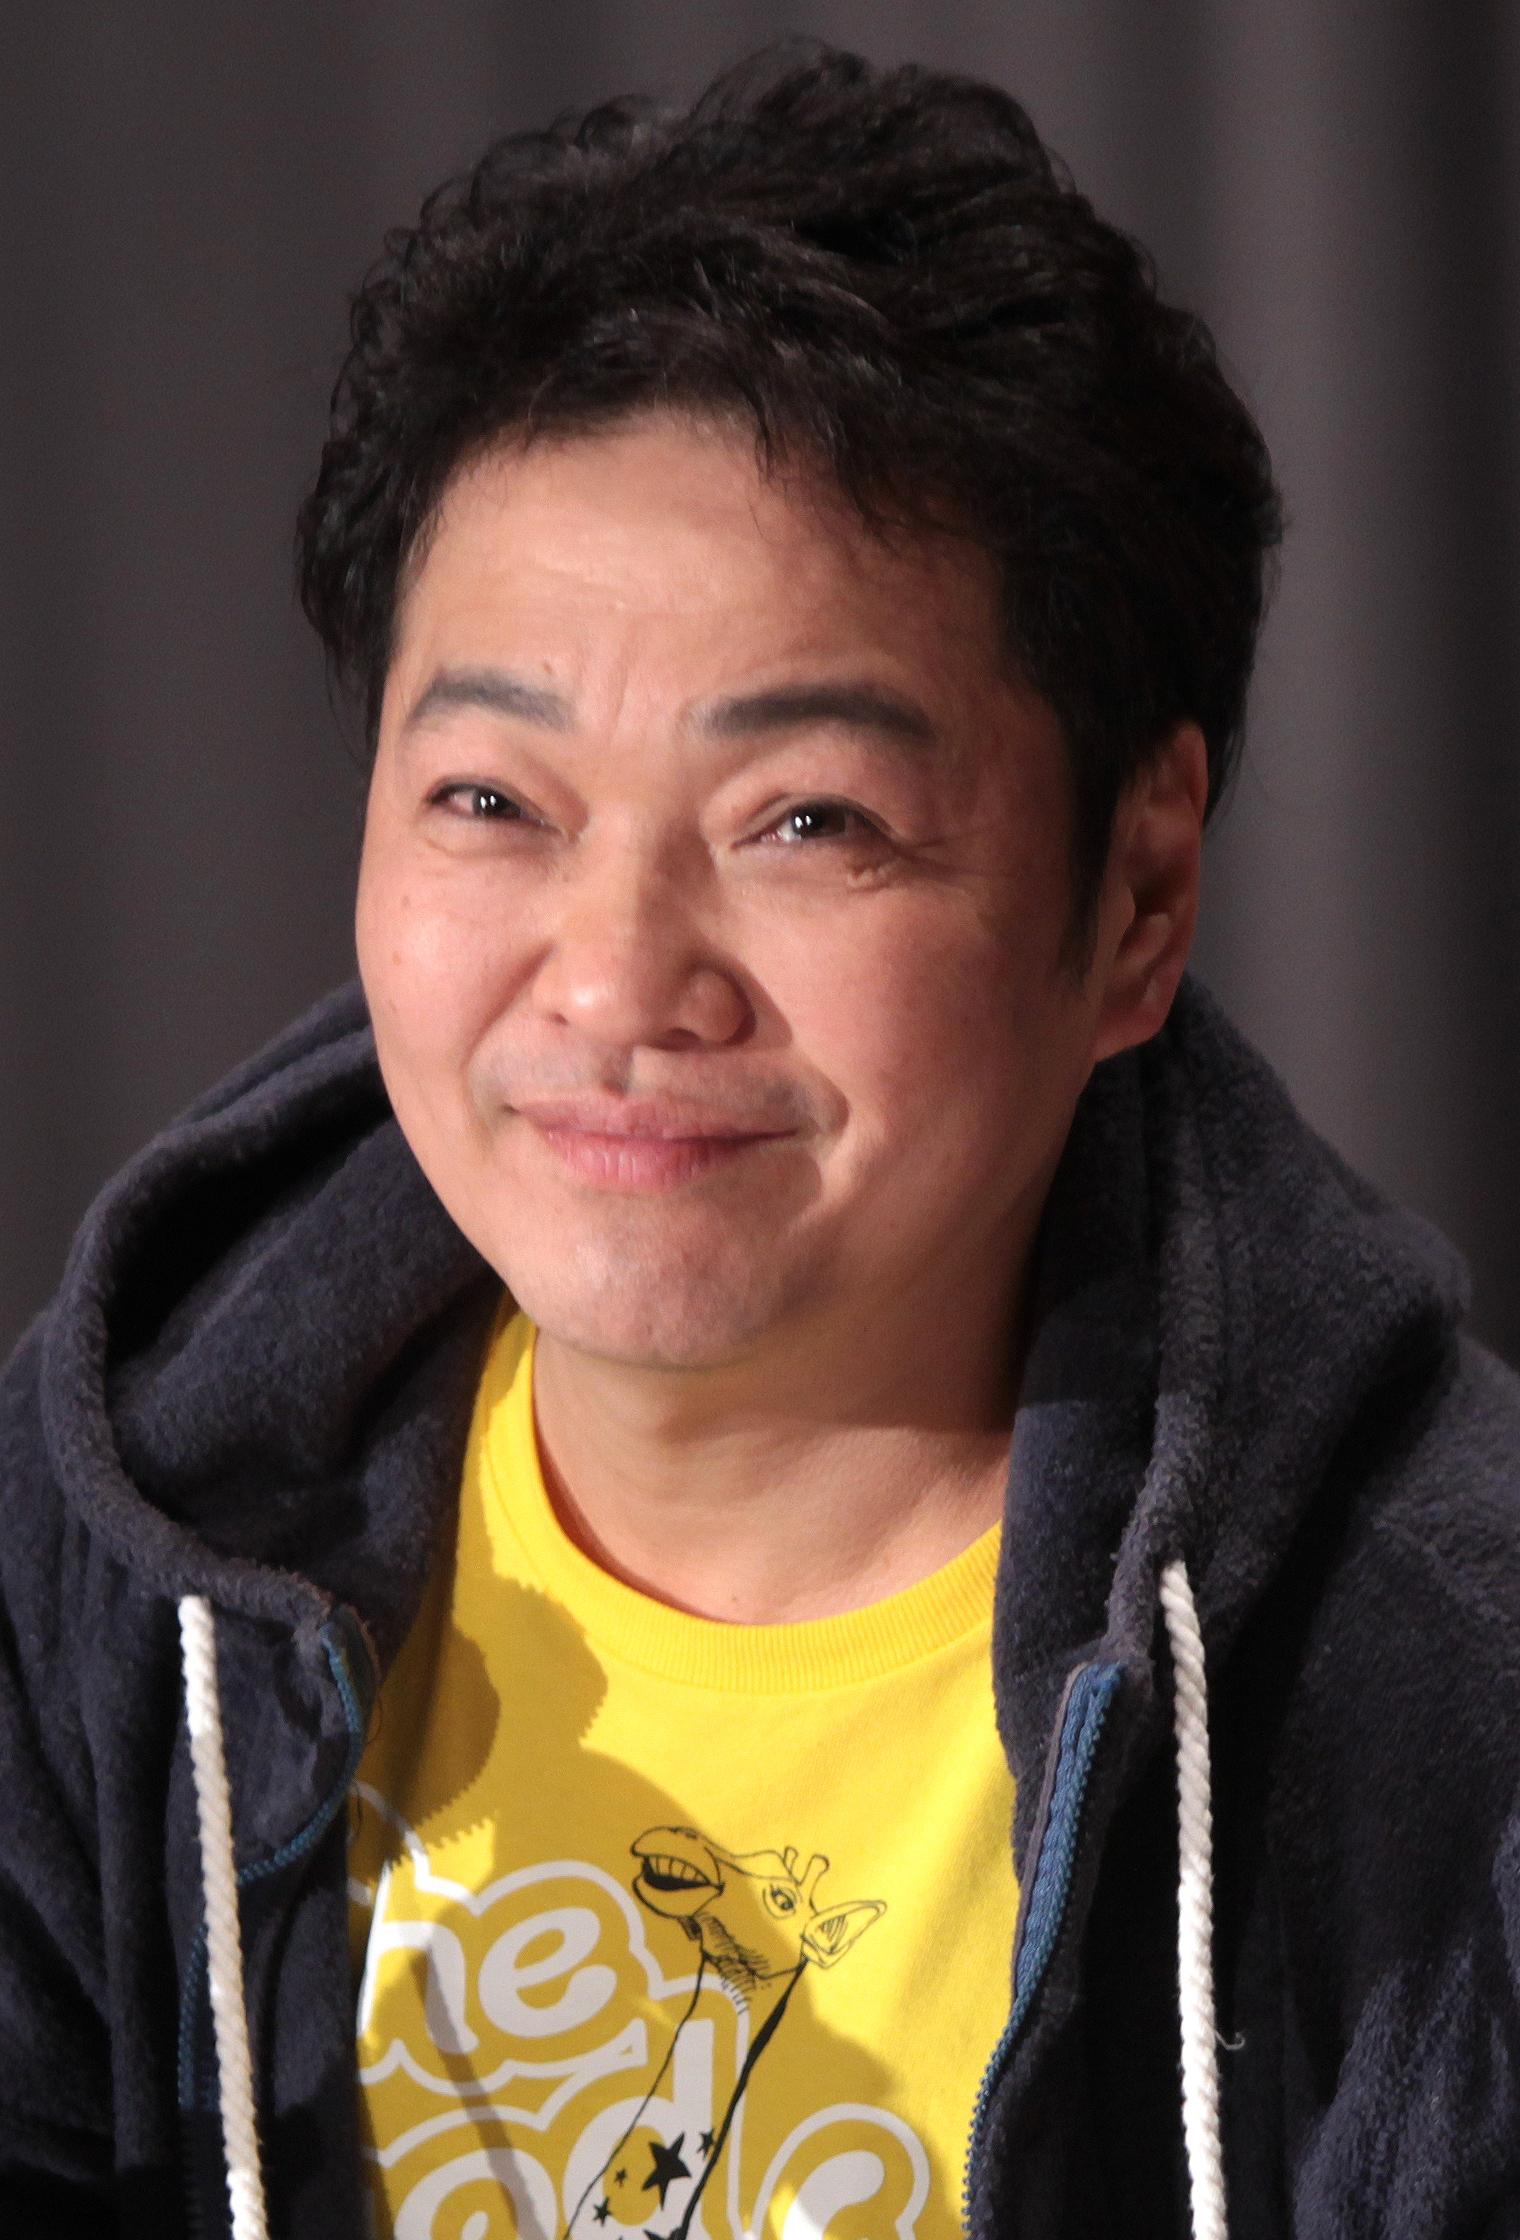 声優 ウソップ ワンピース【ウソップ】声優は『山口勝平』出演作をご紹介!